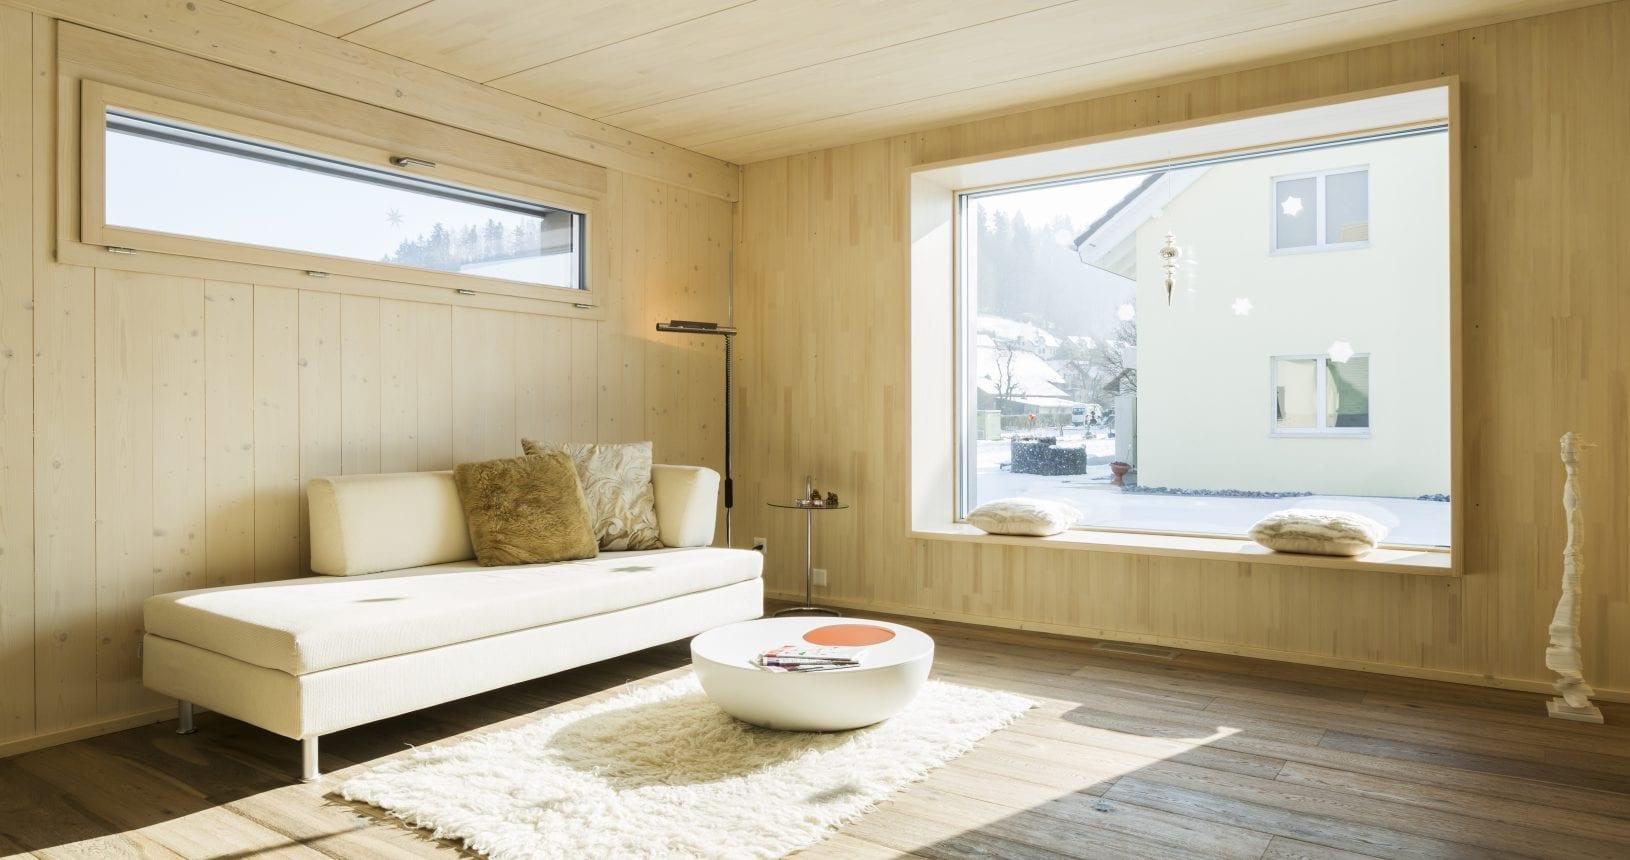 Zimmer eines Holzhauses